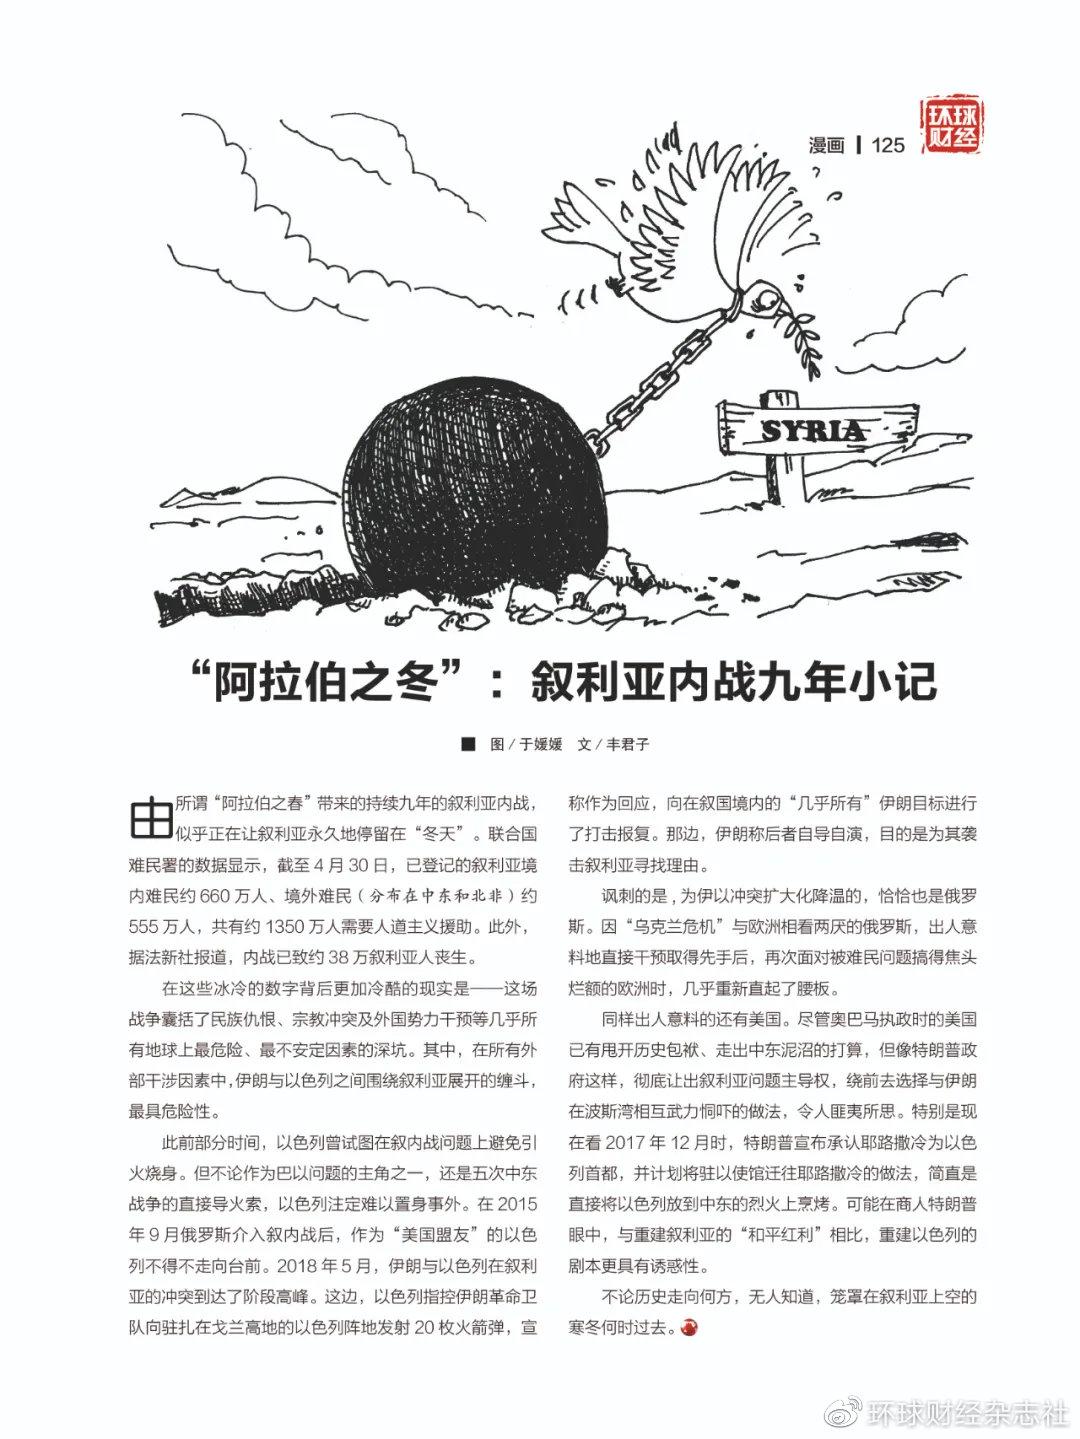 本文刊发于《环球财经》2020年6月刊